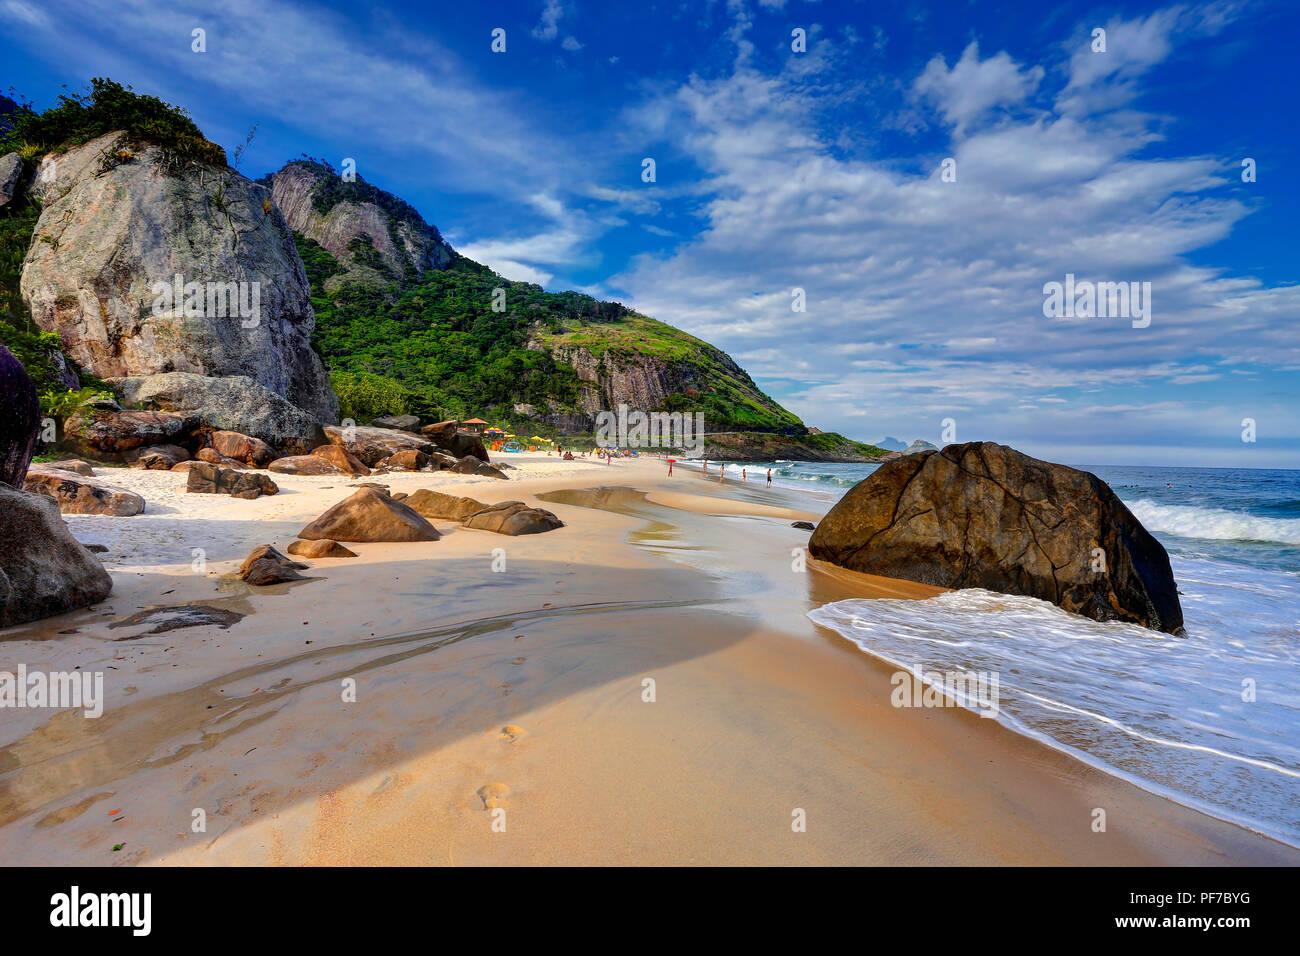 Prainha, Rio de Janeiros Most Beautiful Beach, Rio de Janeiro, Brazil - Stock Image